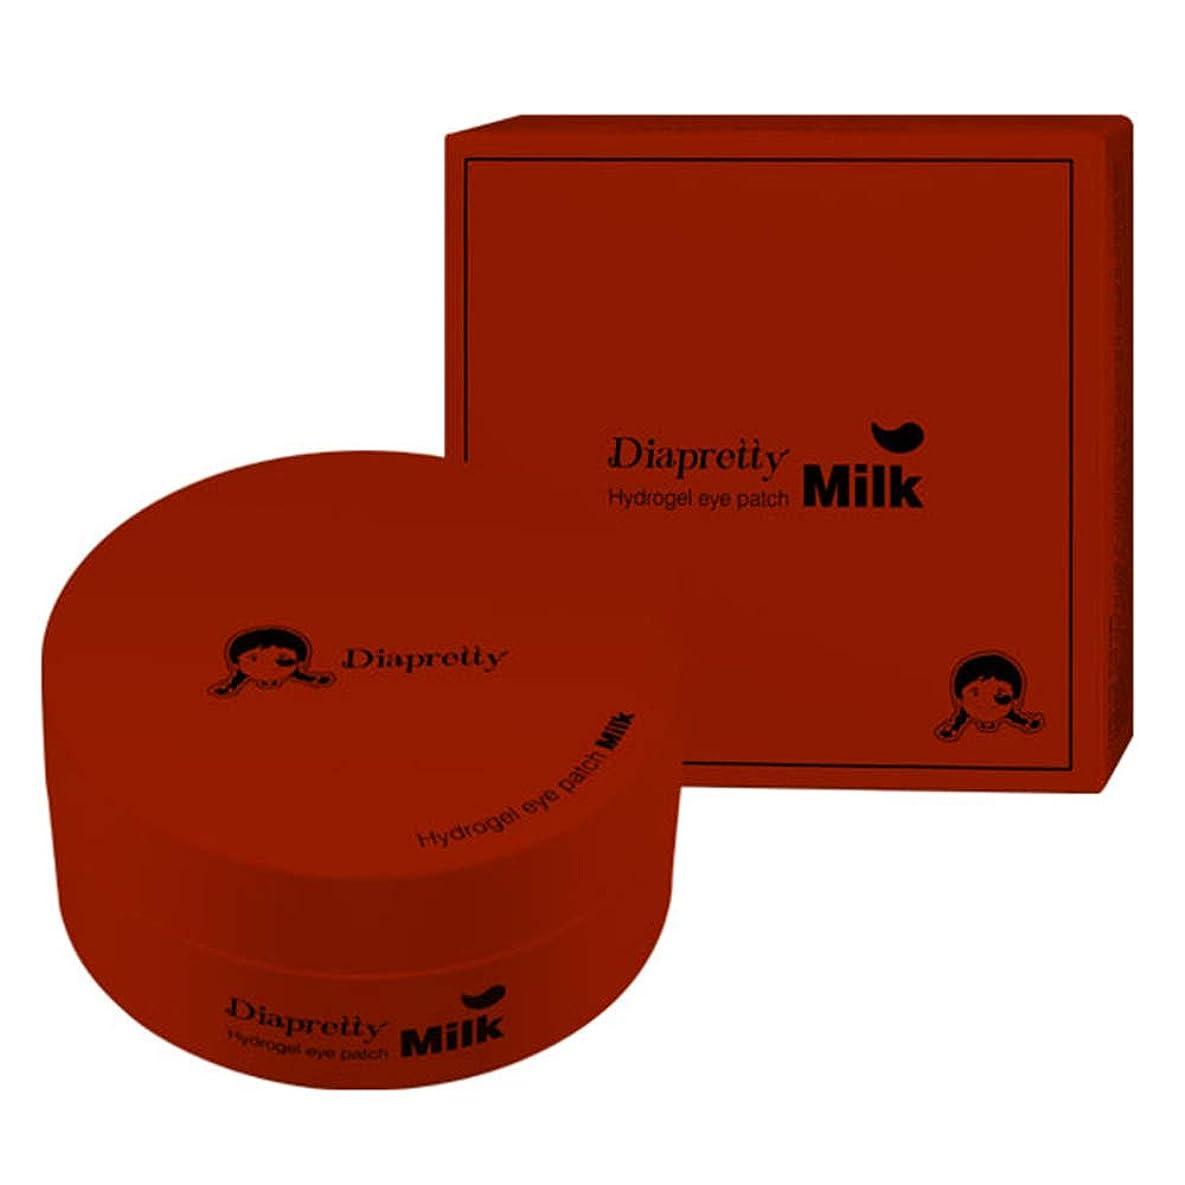 チェリークラウン手伝う[ダイアプリティ] ハイドロゲルア イパッチ (Red Ginseng) 60枚, [Diapretty] Hydrogel Eyepatch(Red Ginseng) 60pieces